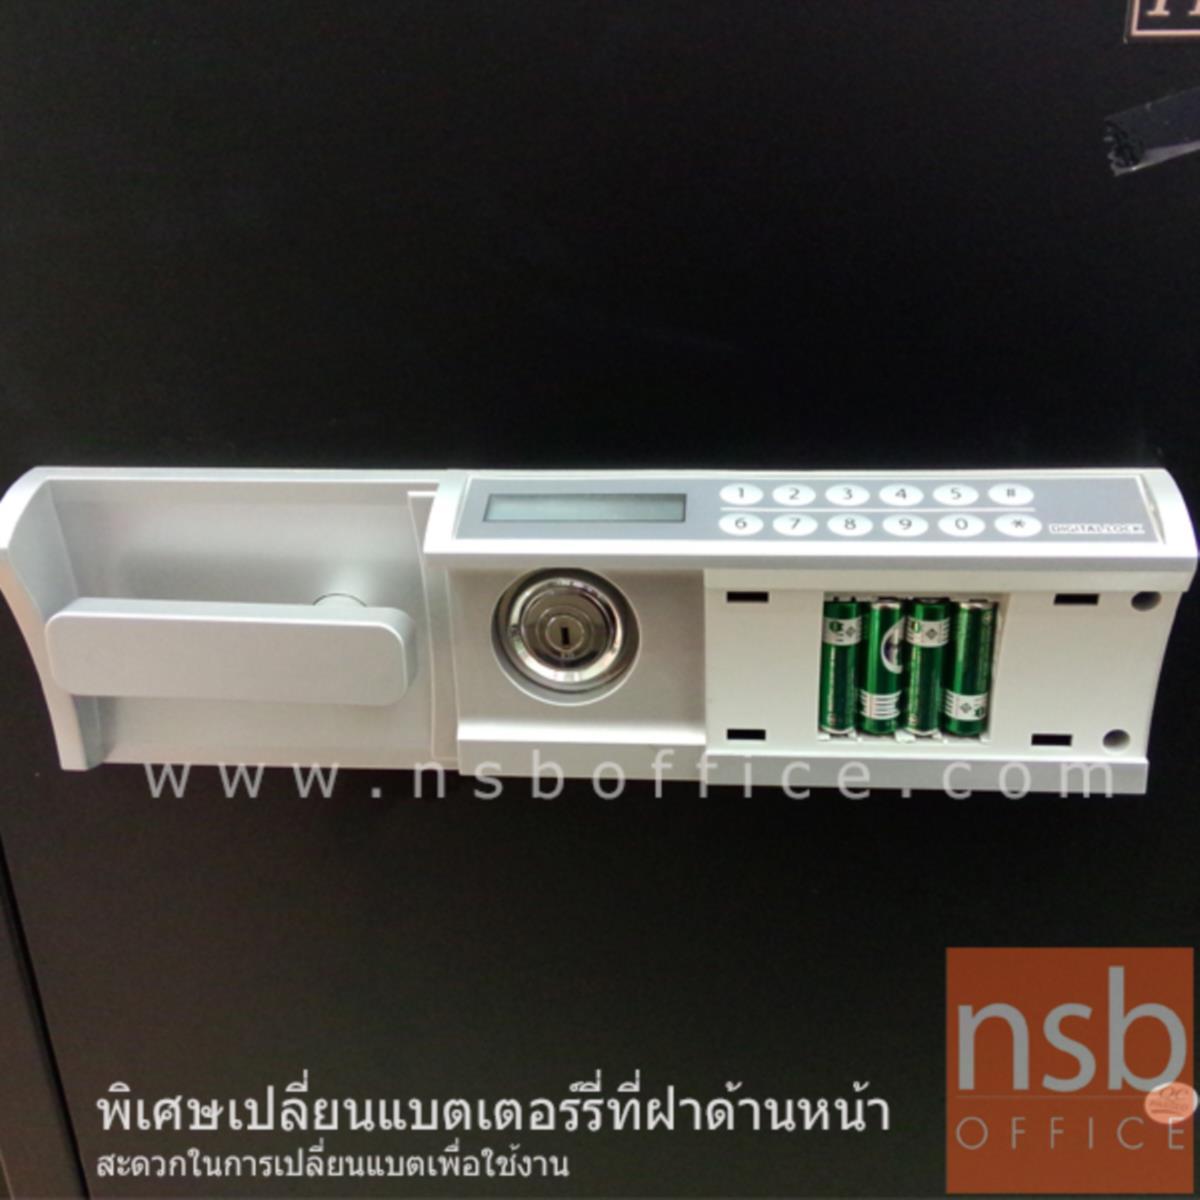 ตู้เซฟดิจิตอล 50 กก. แนวตั้ง รุ่น PRESIDENT-SS2D2  มี 1 กุญแจ 1 รหัส (รหัสใช้กดหน้าตู้)